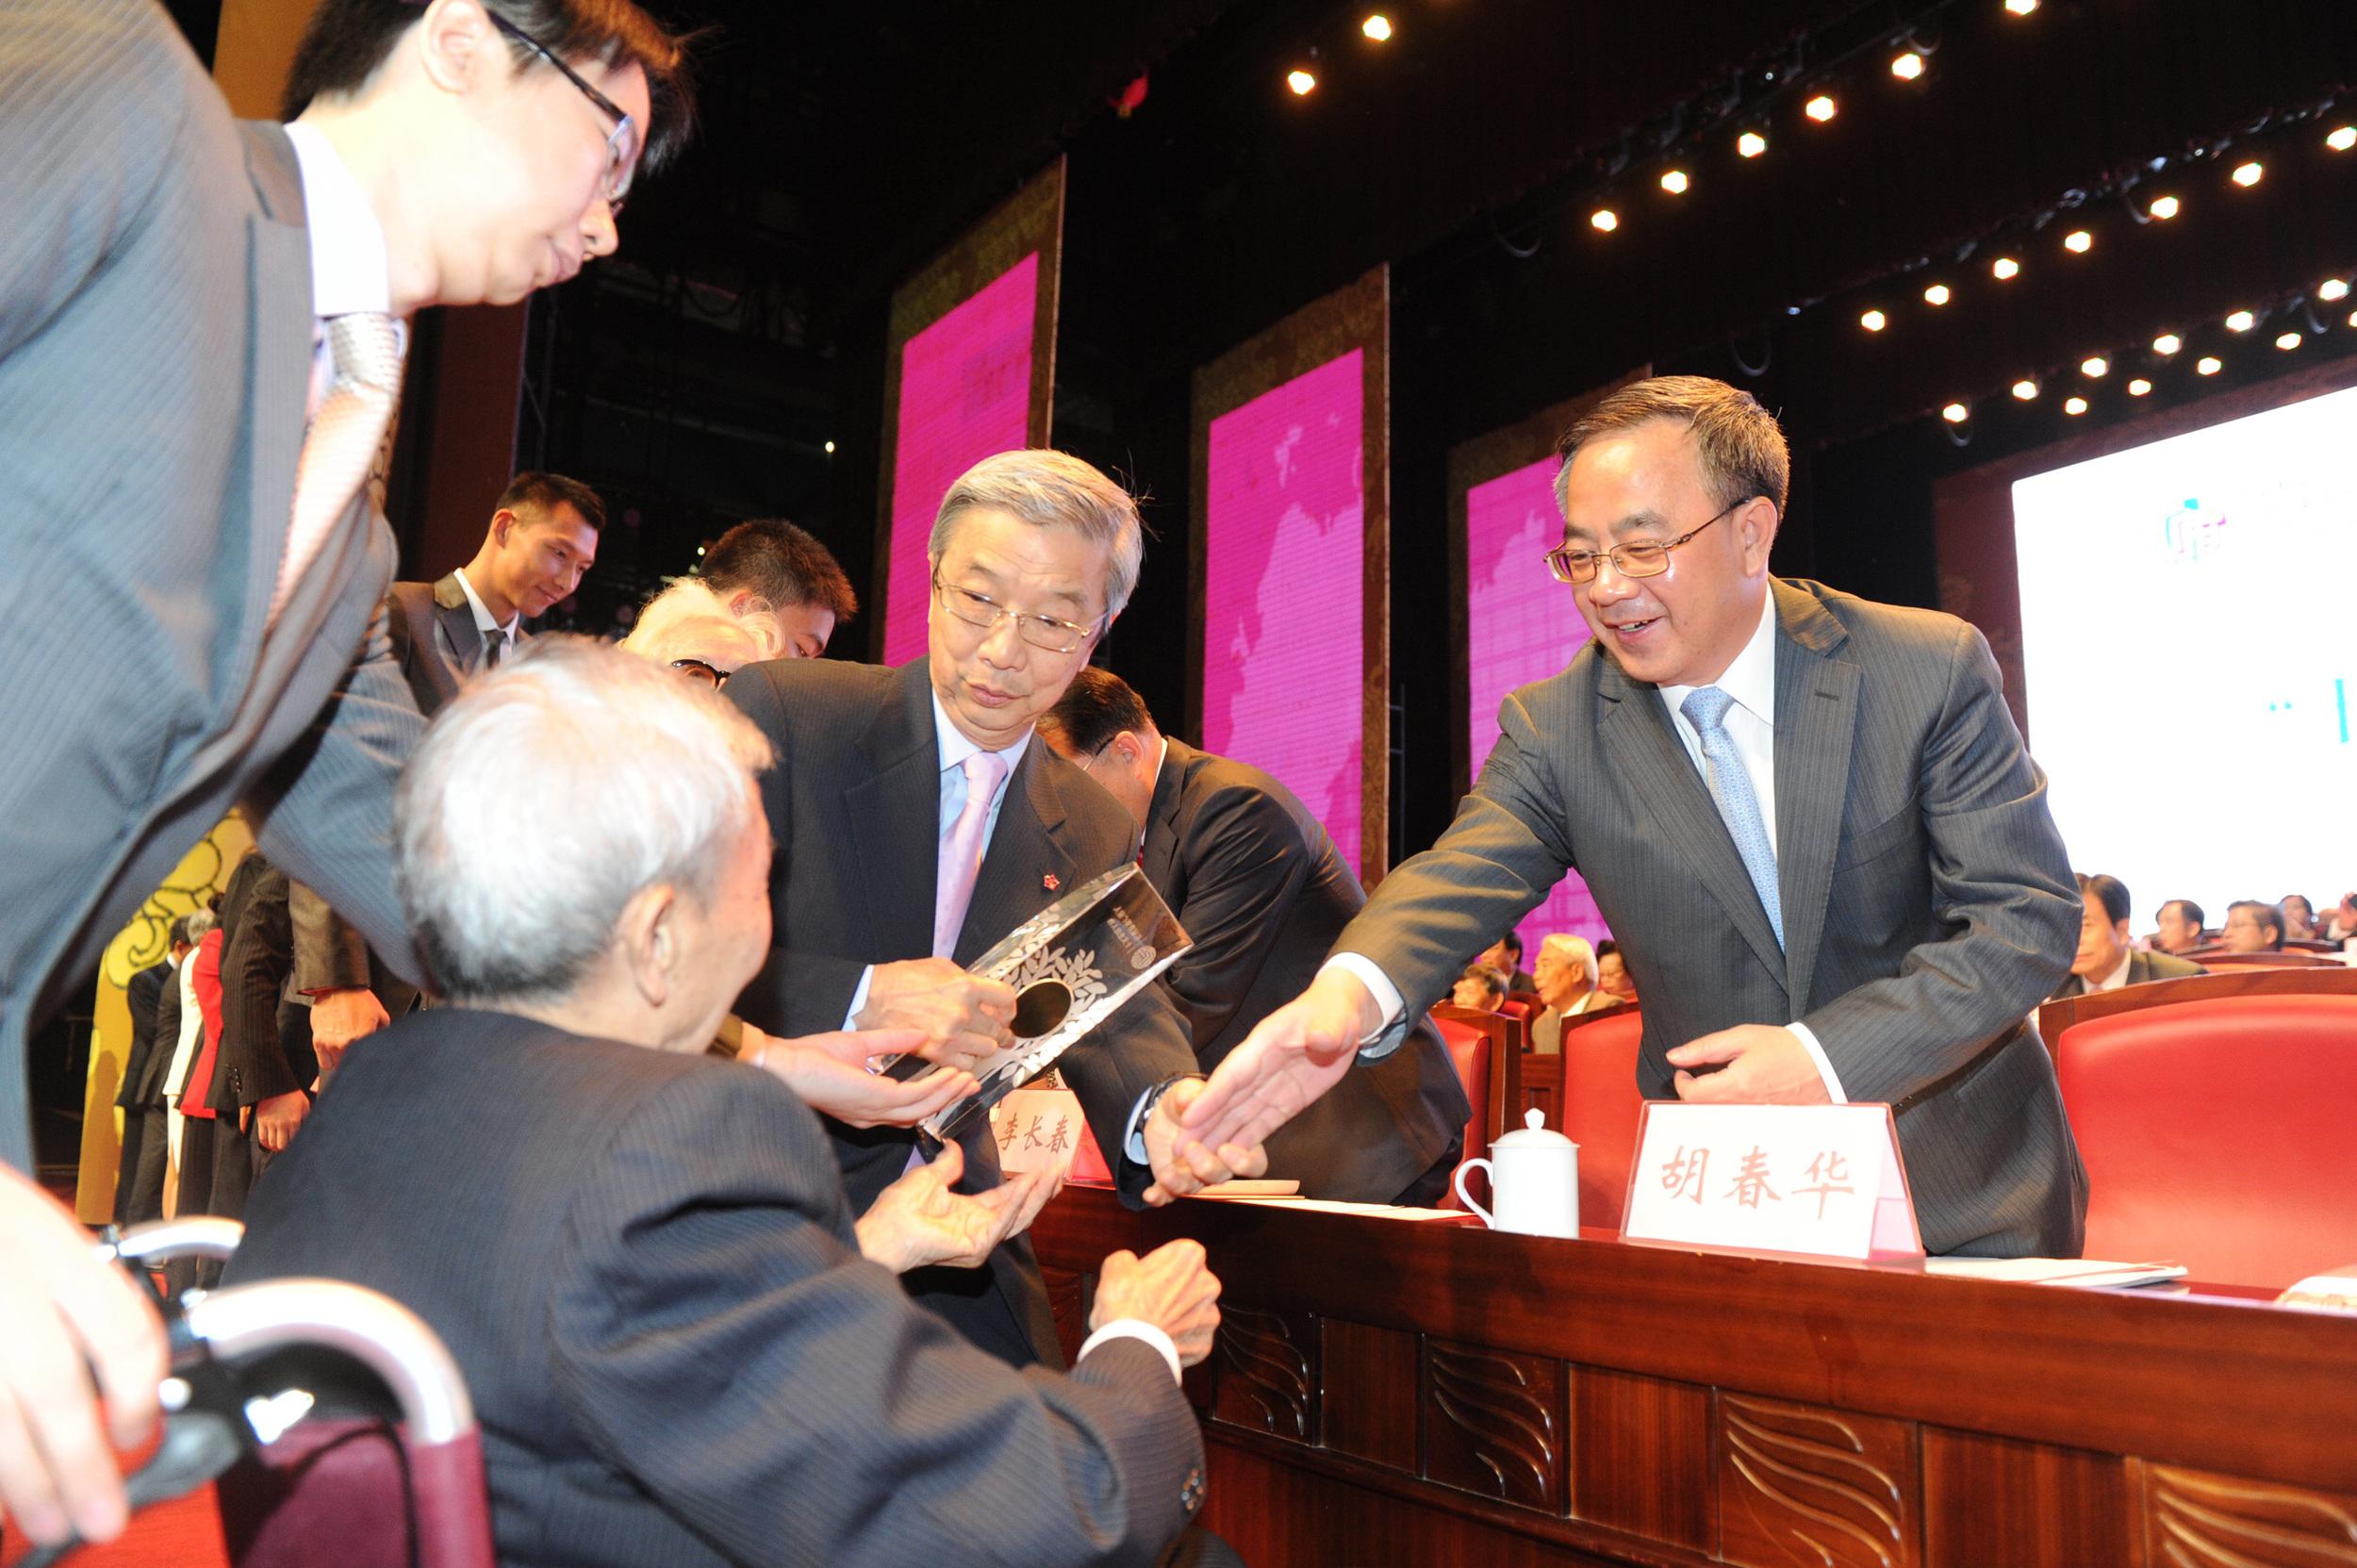 輝叔與廣東省委書記胡春華握手